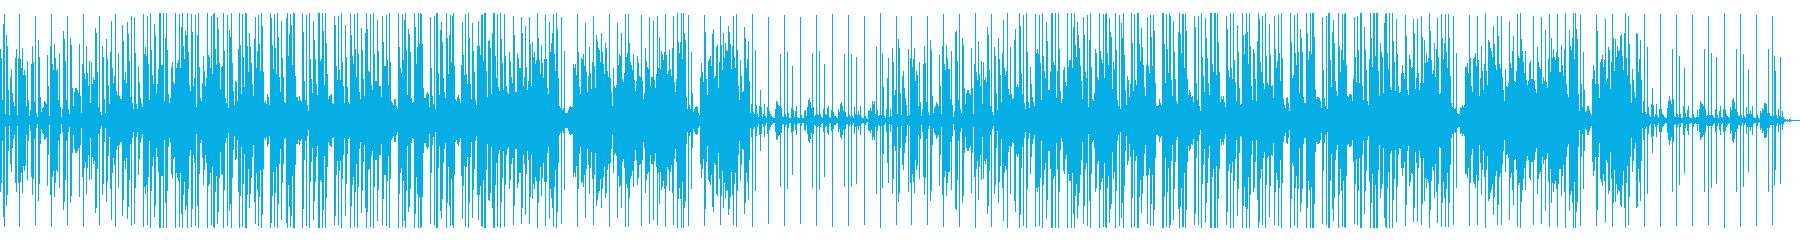 ウッドベース ややコミカル ジャズの再生済みの波形